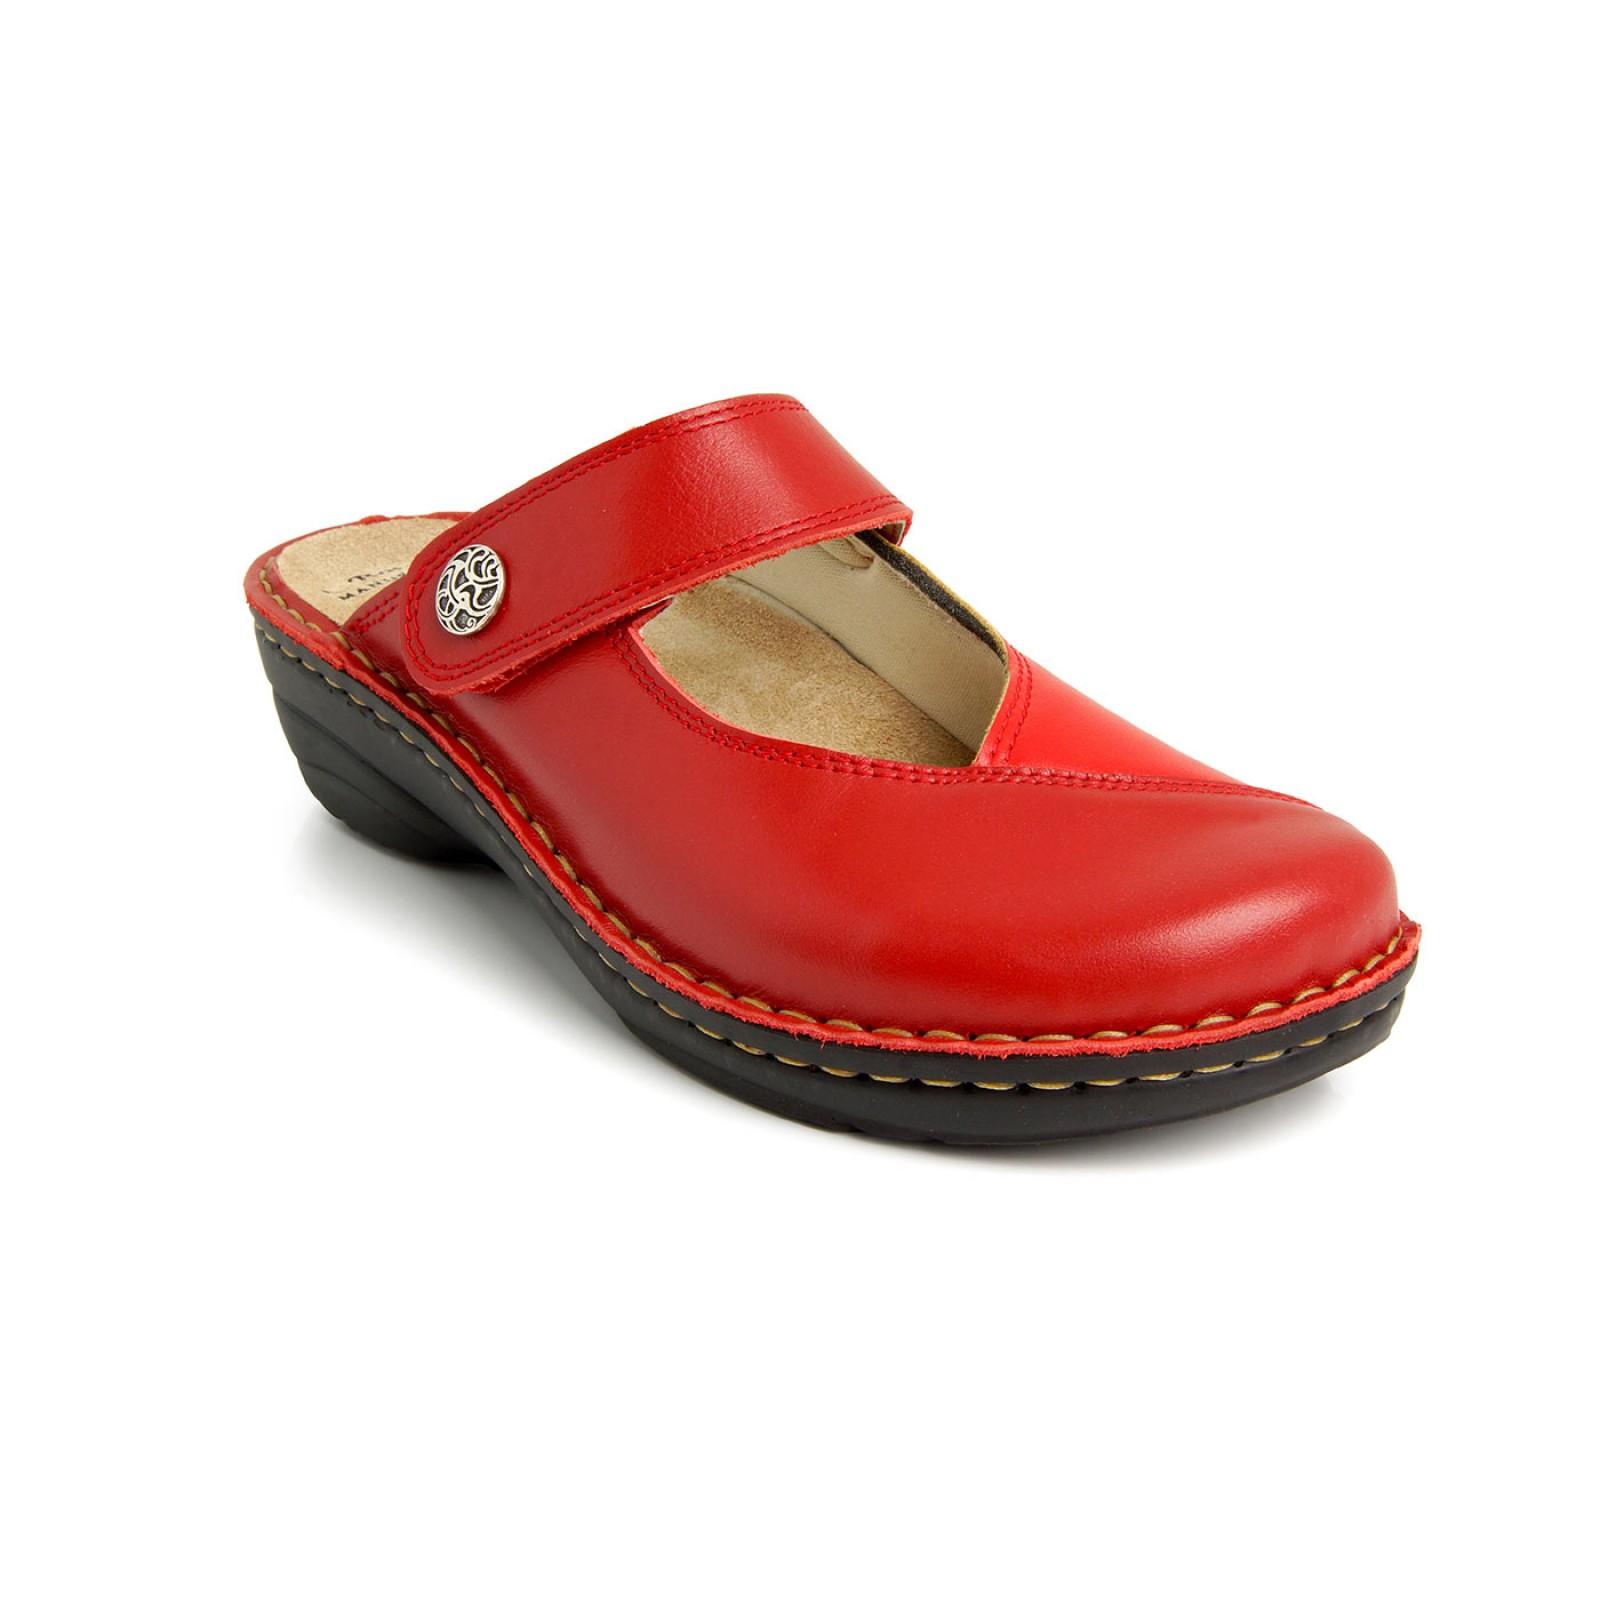 175304c597 Batz Bali piros női klumpa - Női papucs